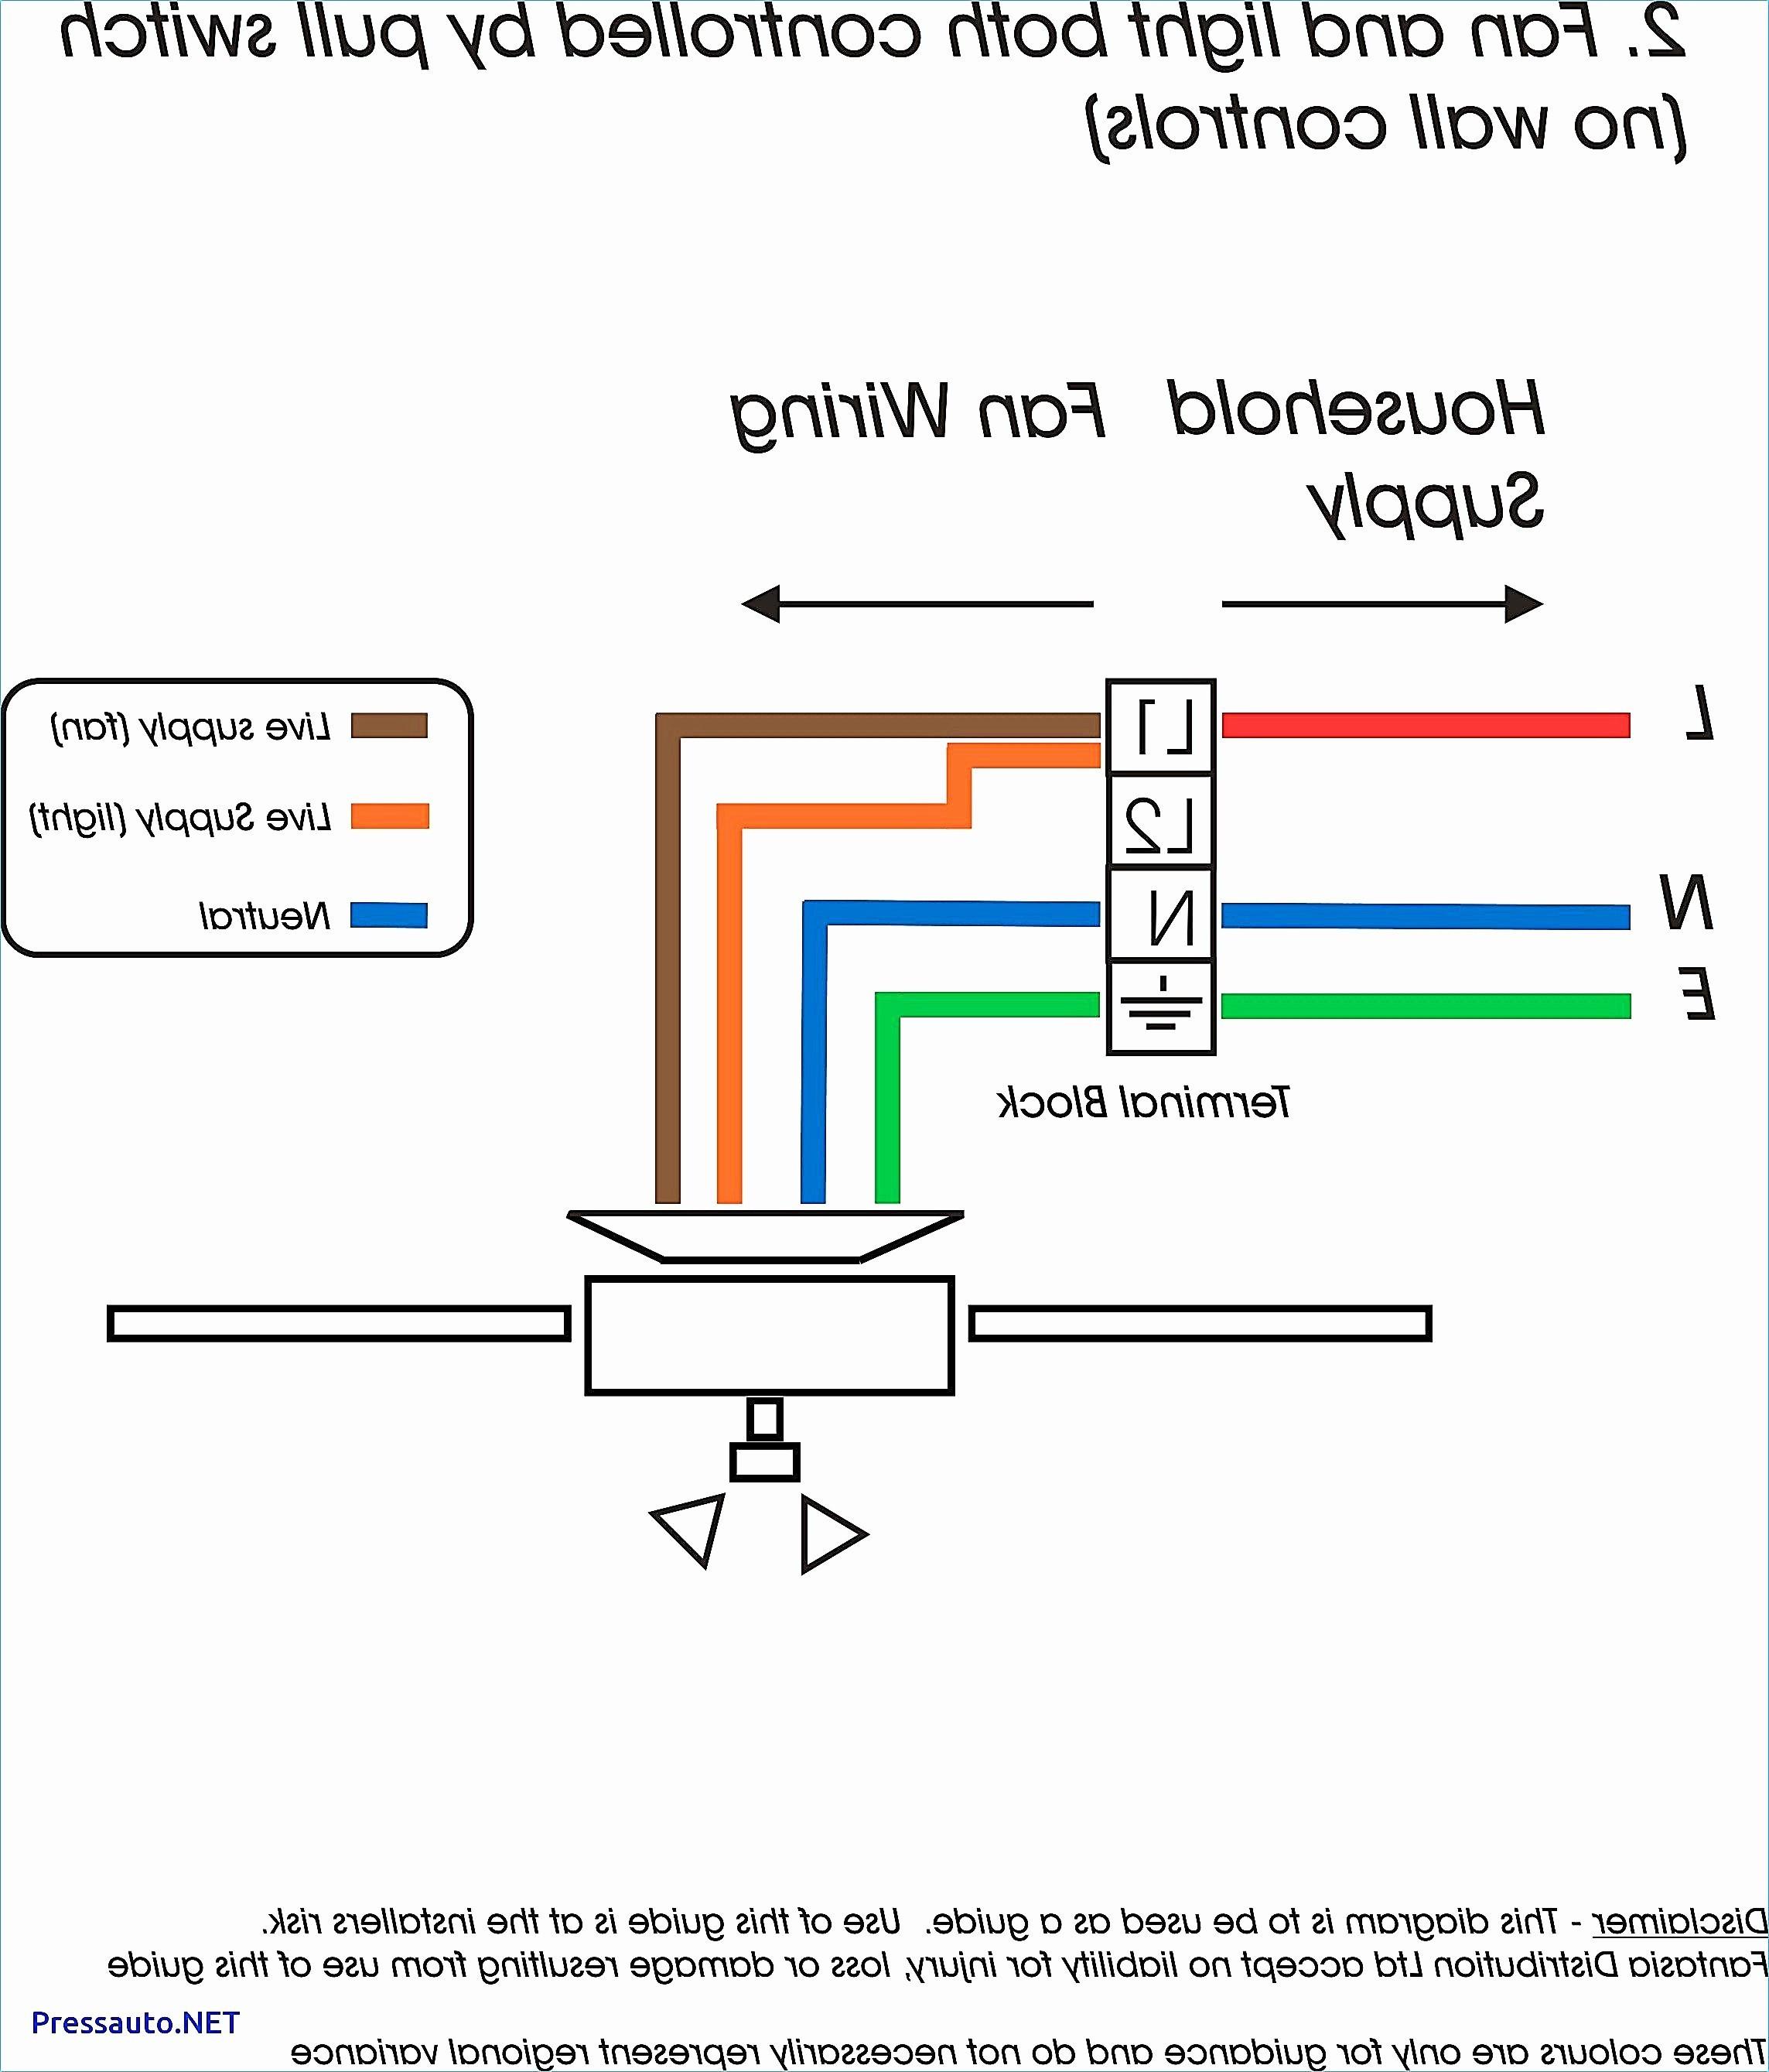 Volvo Semi Truck Fuse Diagram Semi Tractor Wiring Diagram Trusted Wiring Diagram Of Volvo Semi Truck Fuse Diagram